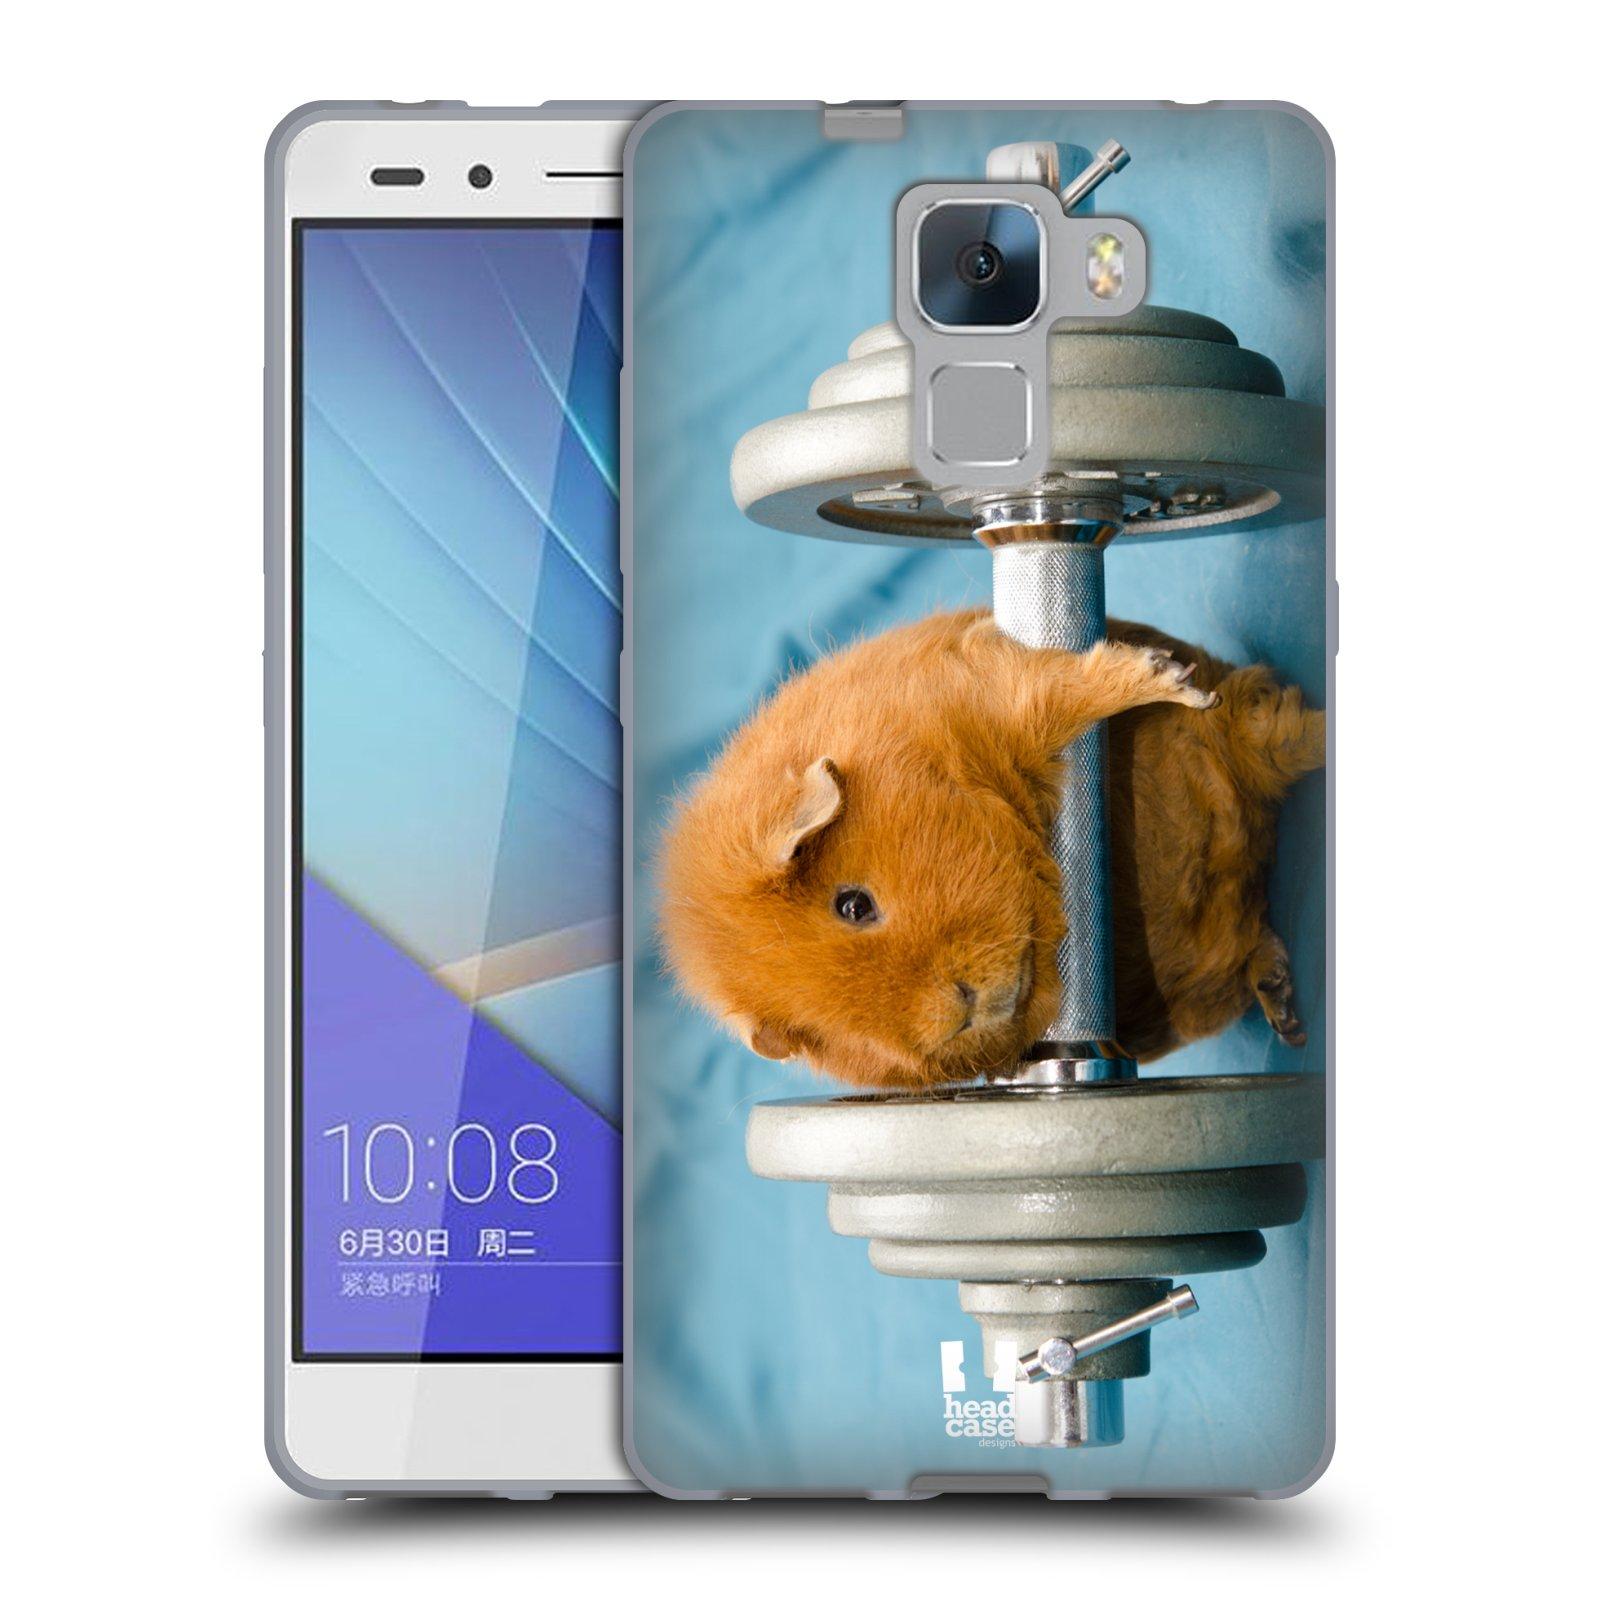 HEAD CASE silikonový obal na mobil Huawei  Honor 7 Legrační zvířátka Křeček silák